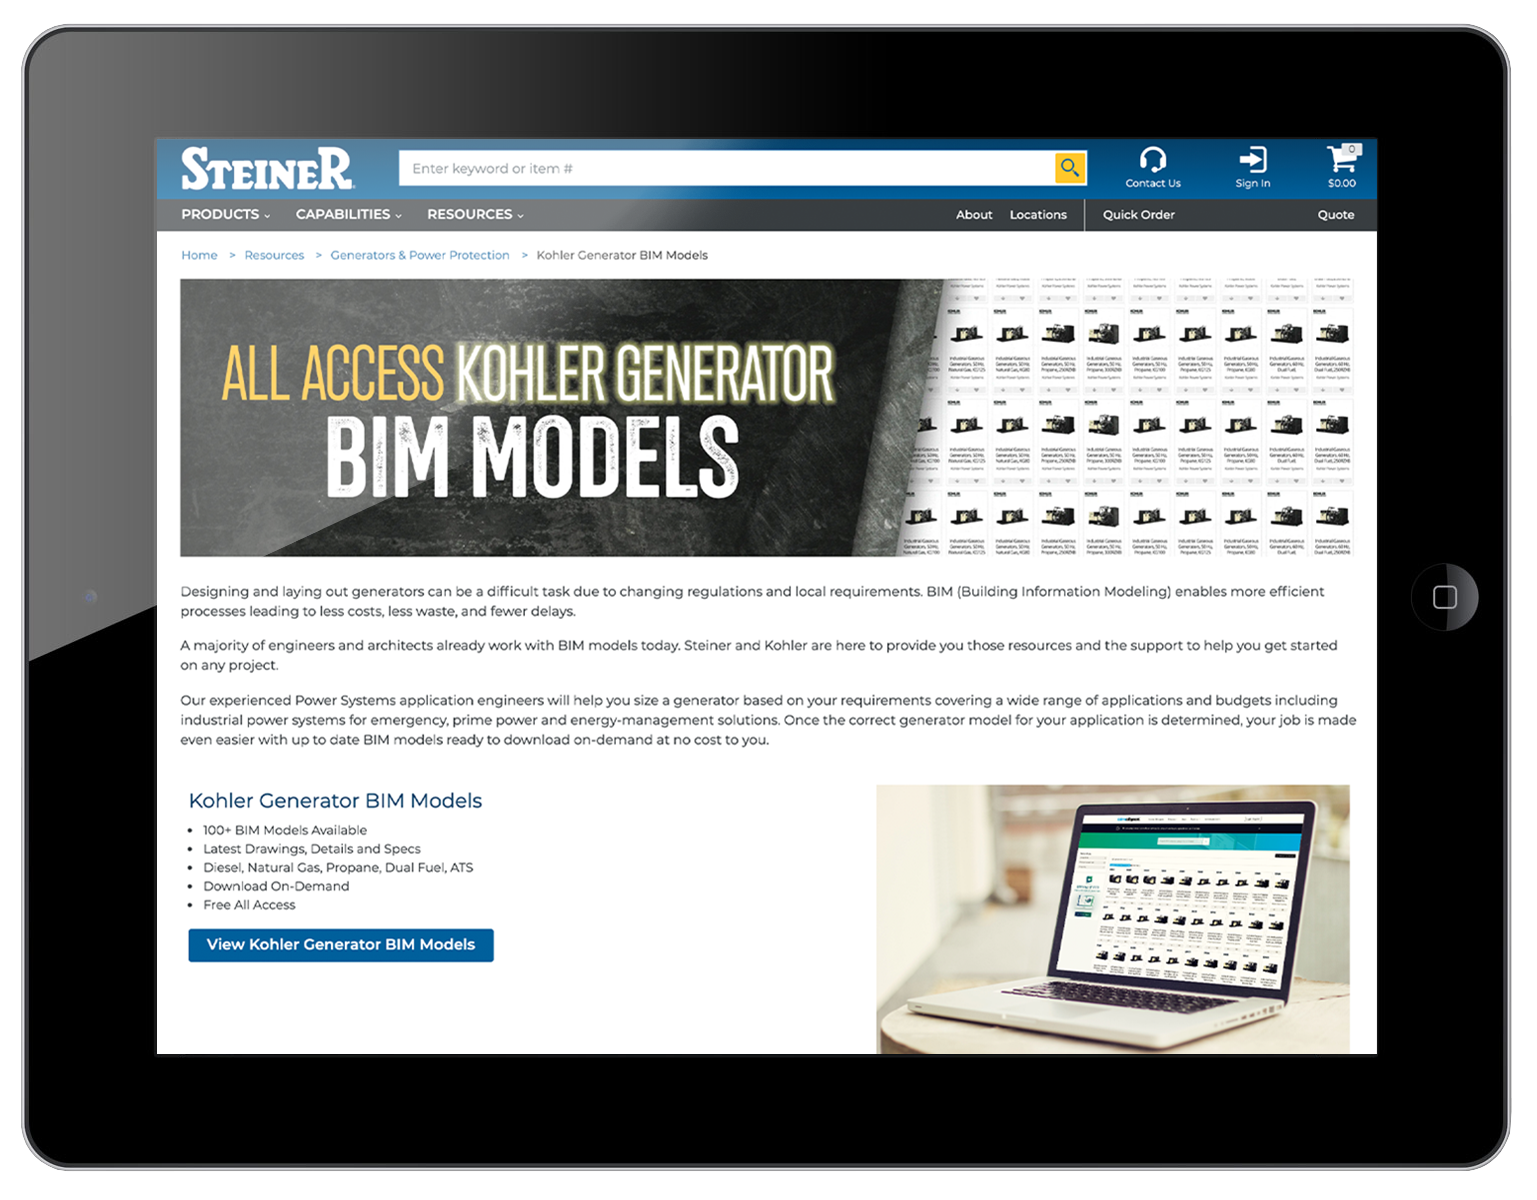 Kohler Generator BIM Models